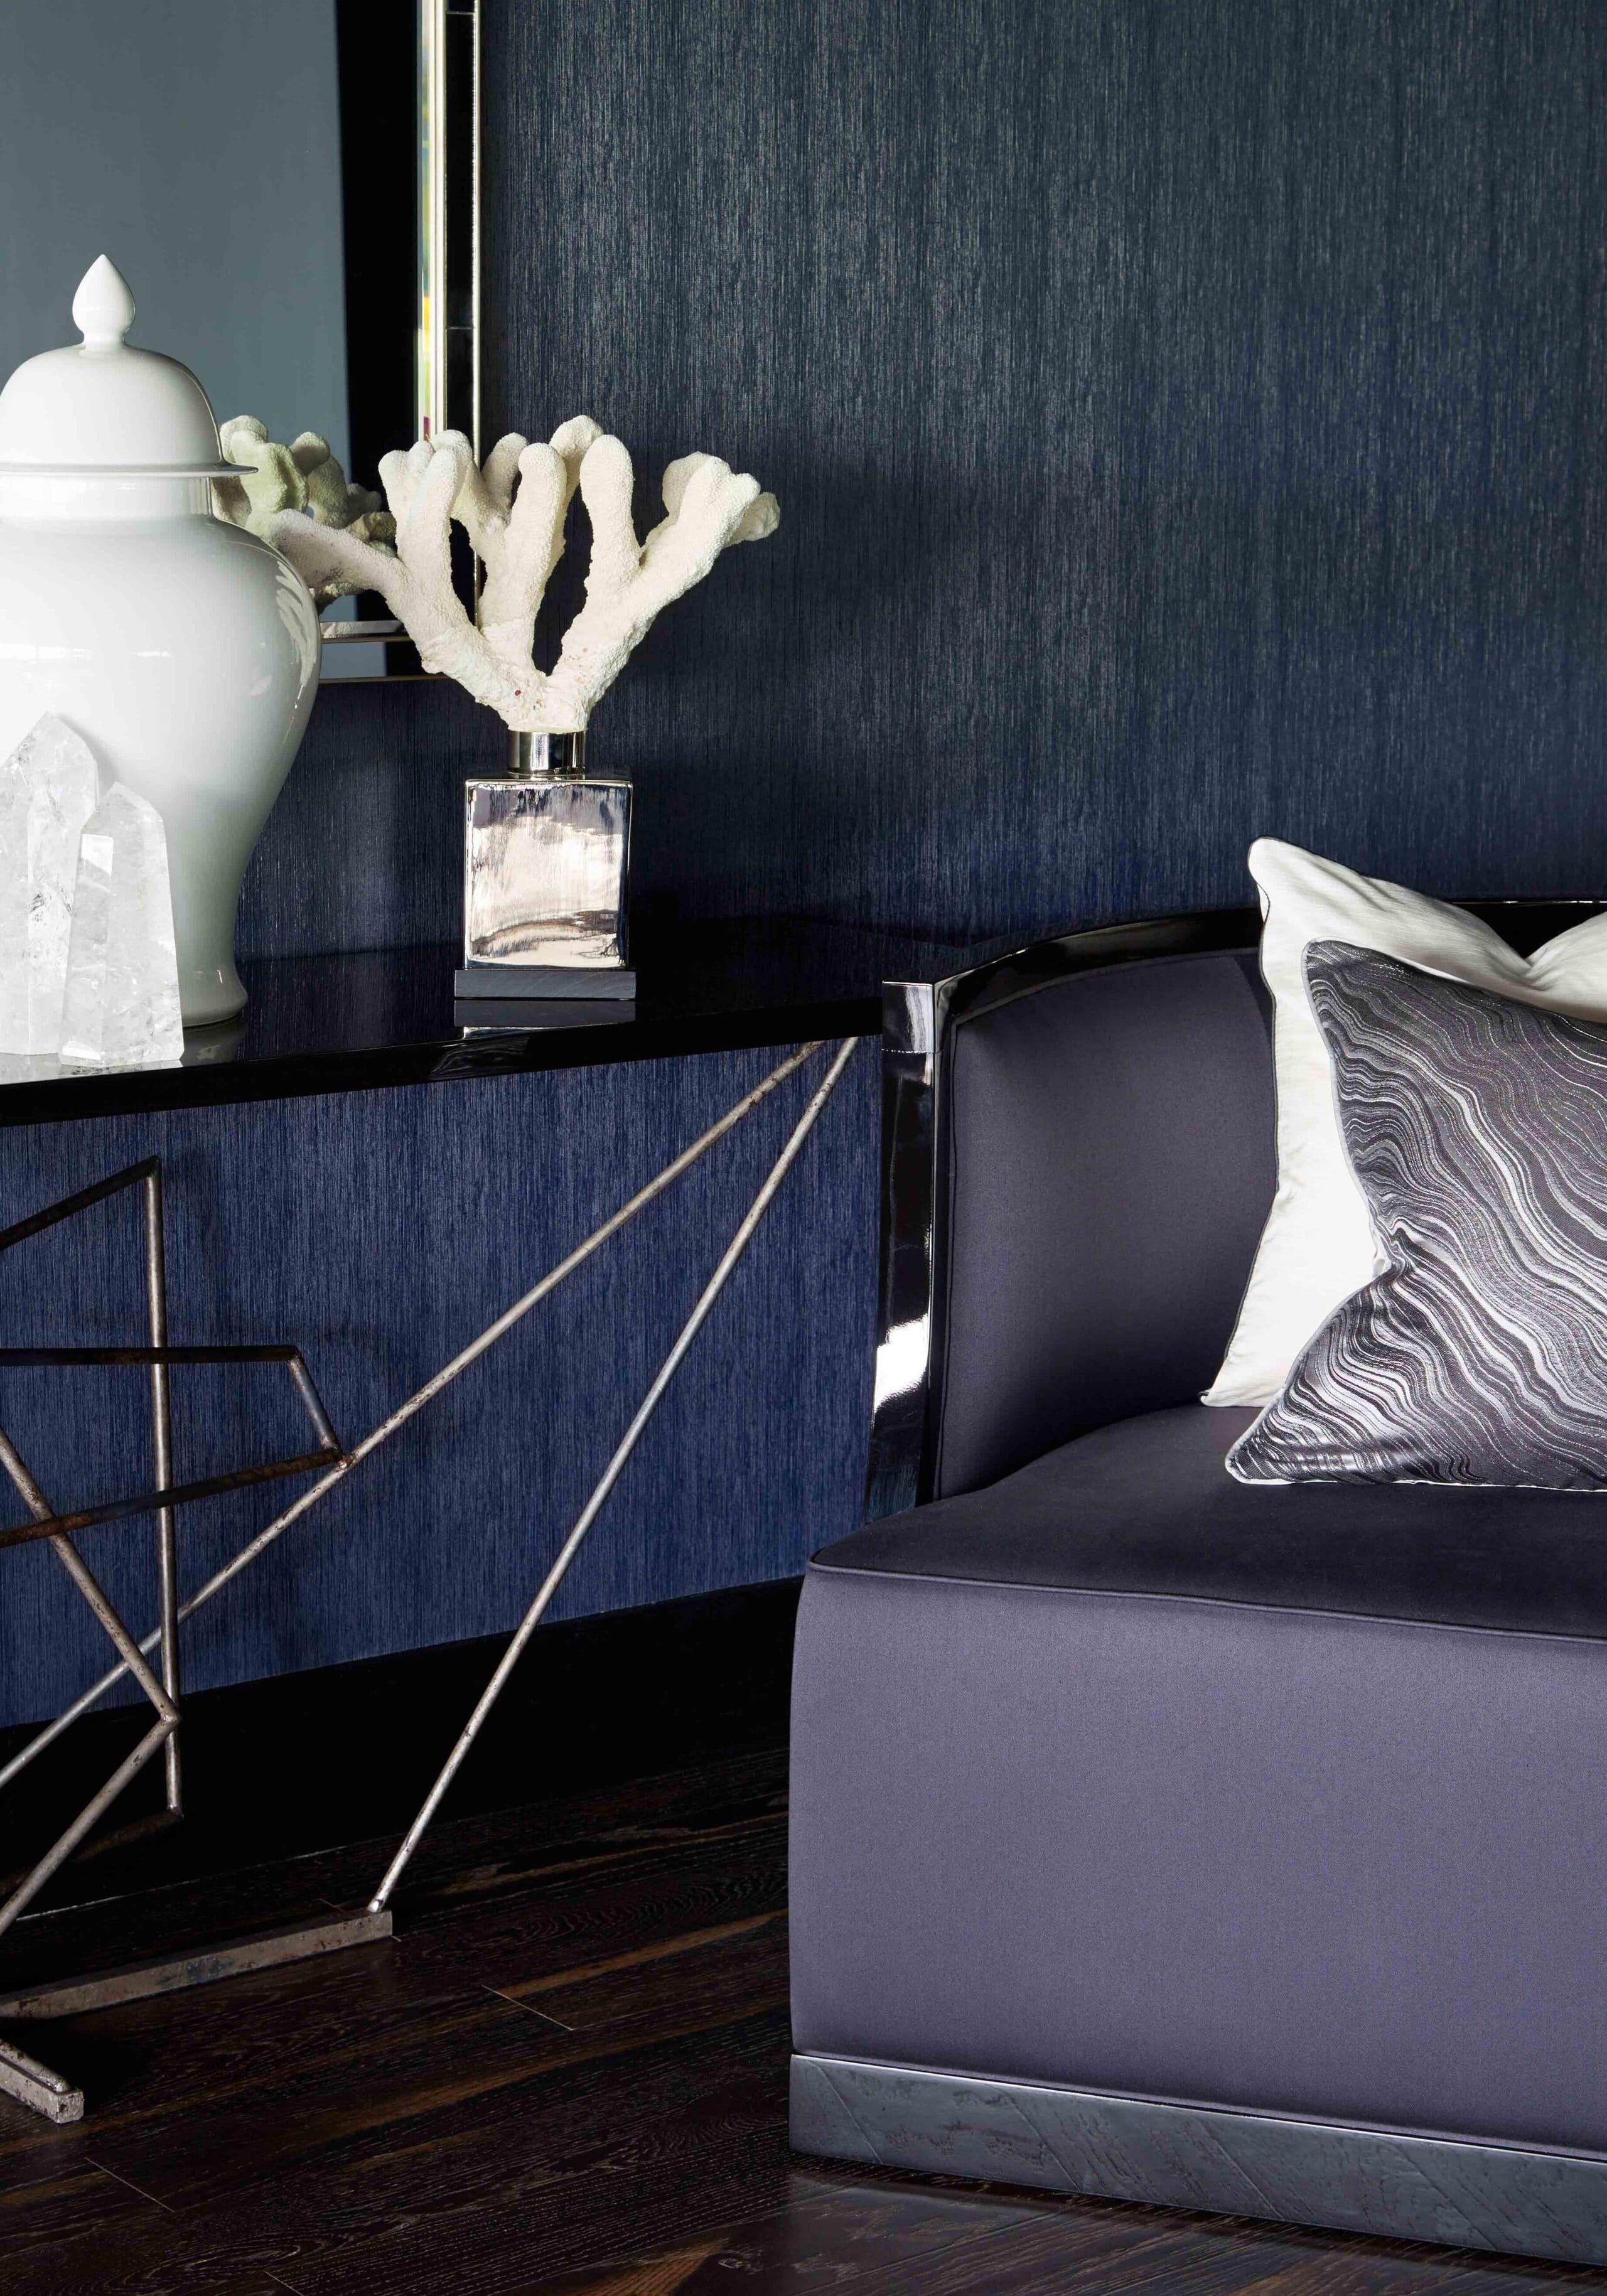 Luxury interior for VIP jet lounge